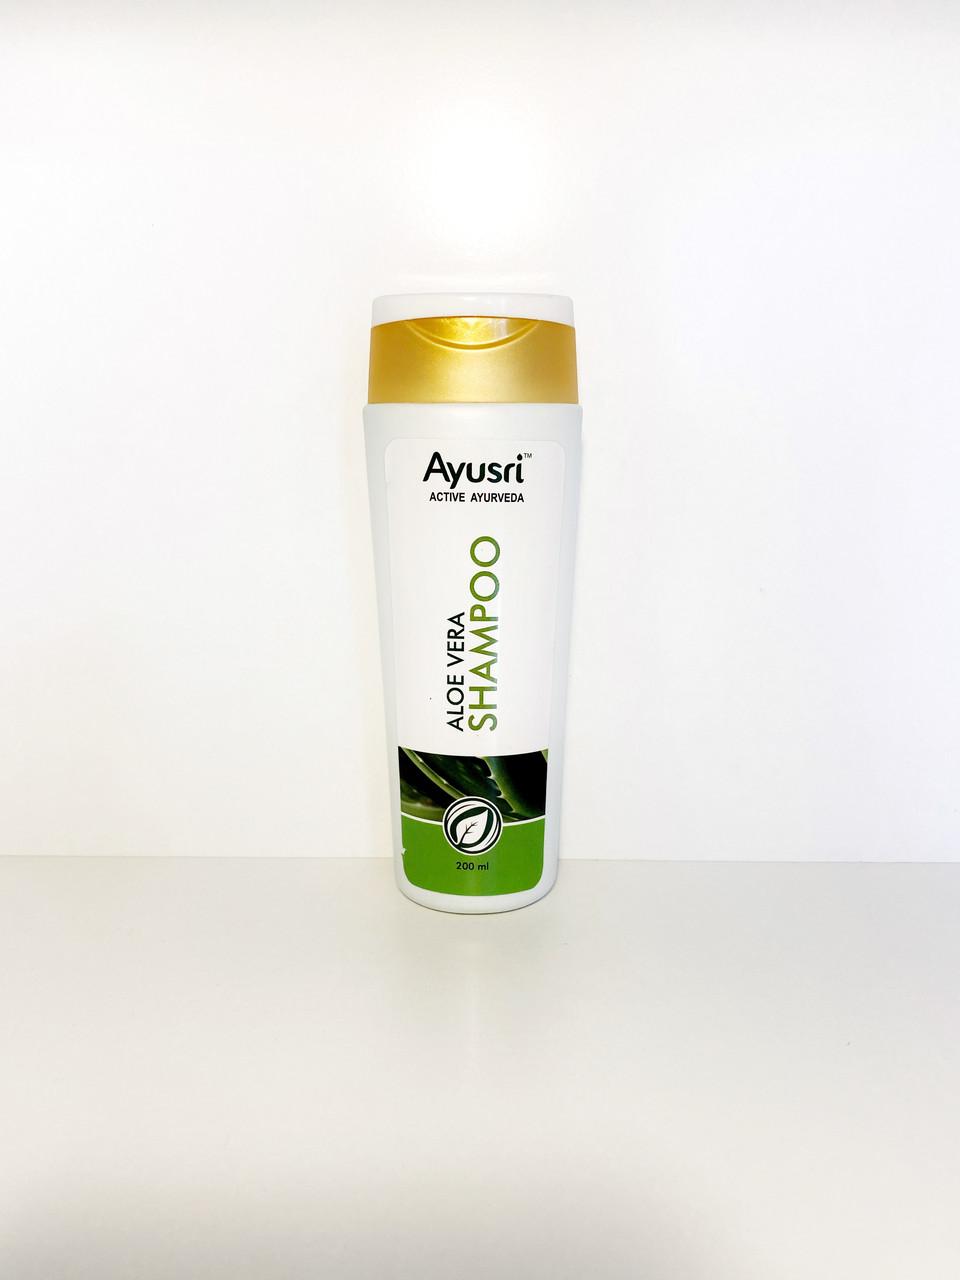 Аюрведический шампунь для волос с Алое вера 200 мл, Ayusri